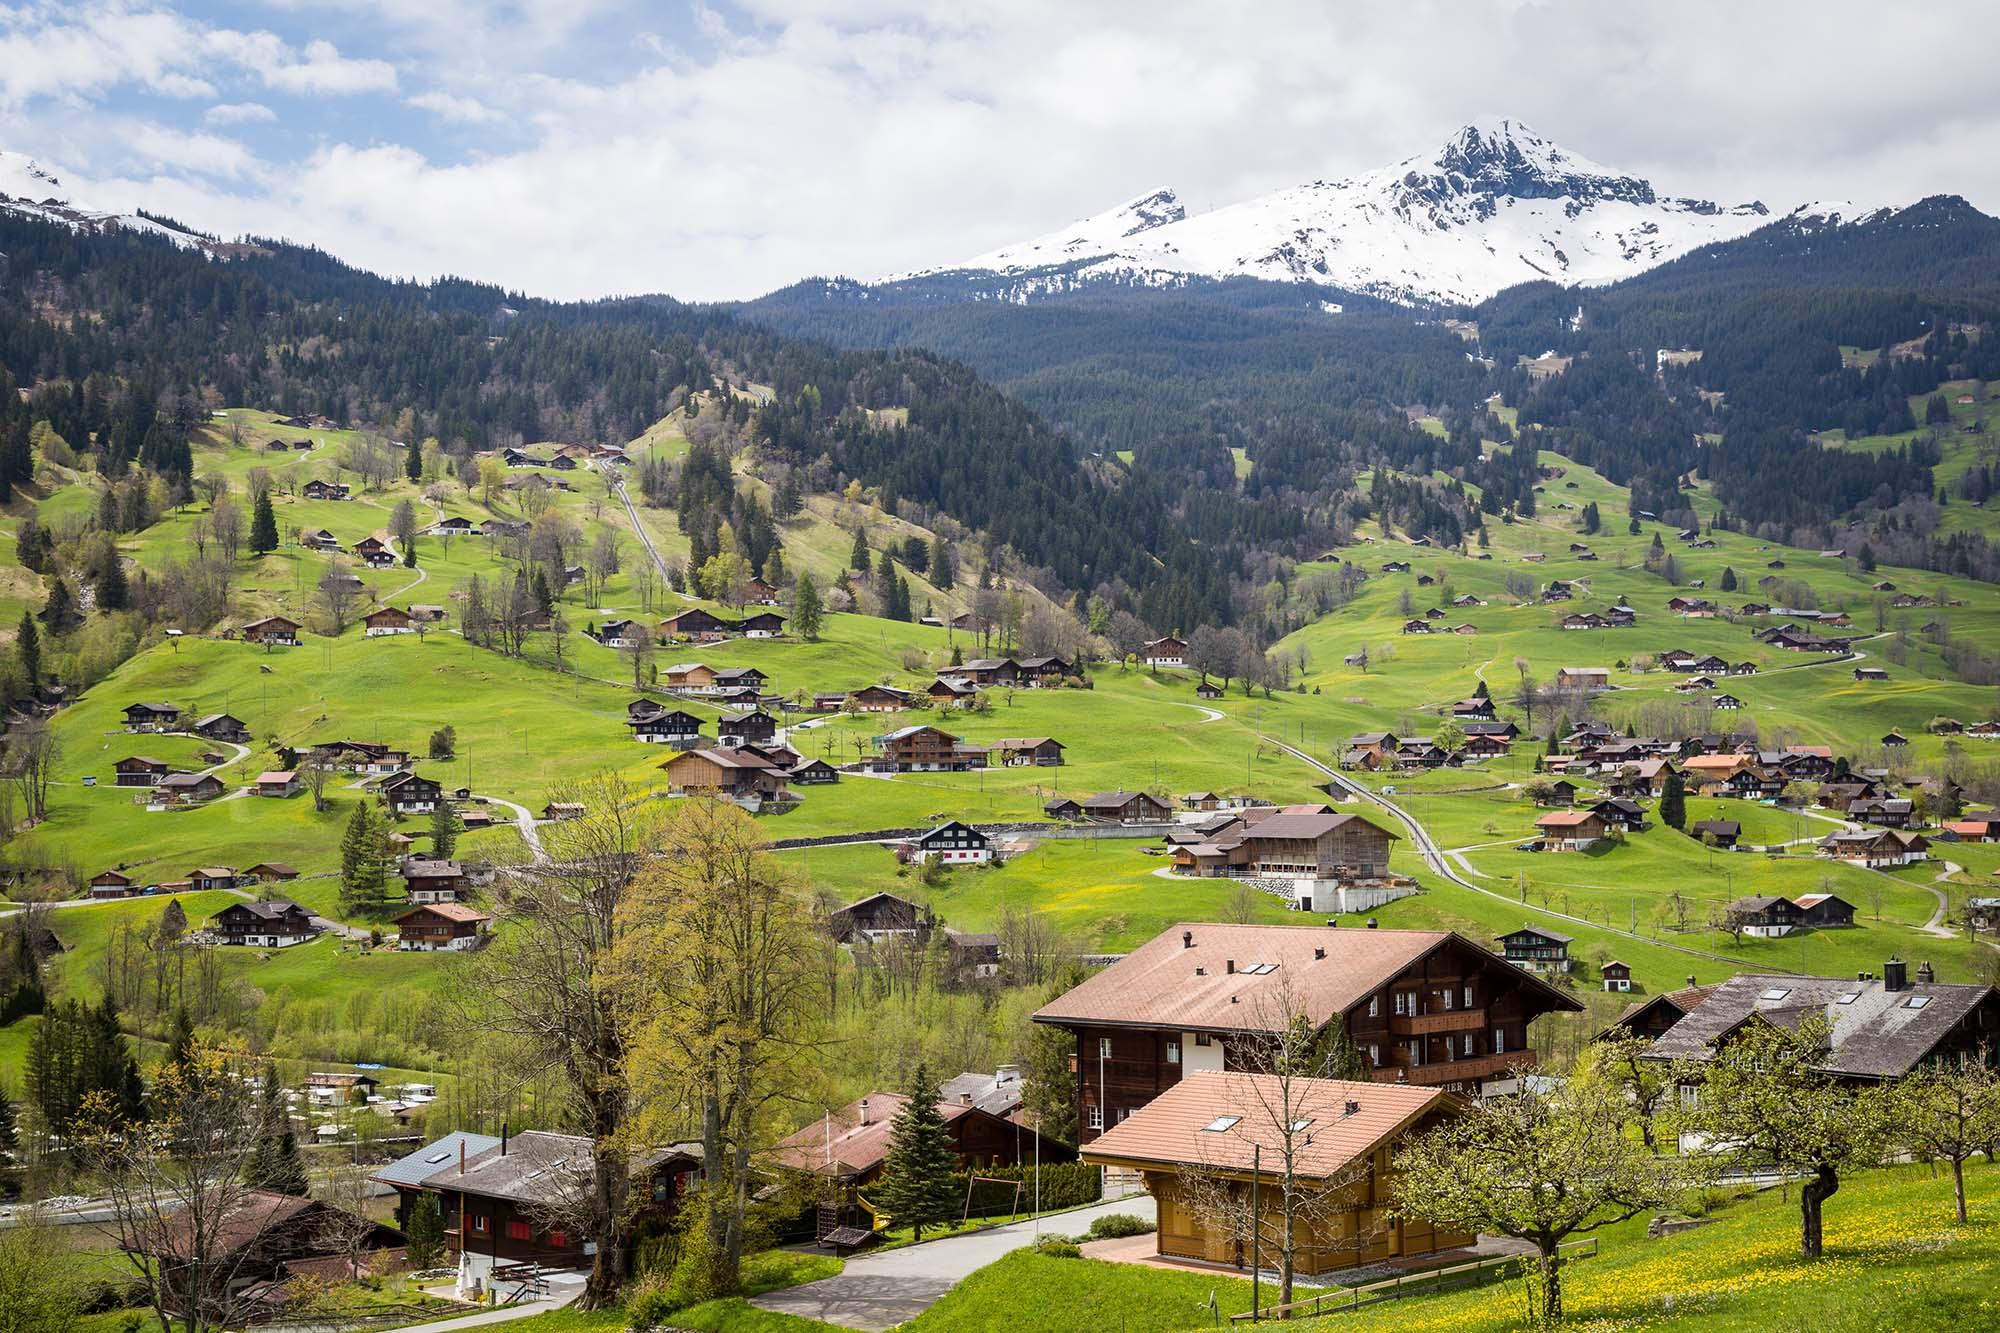 Học hỏi sự thân thiện môi trường ở Thụy Sĩ